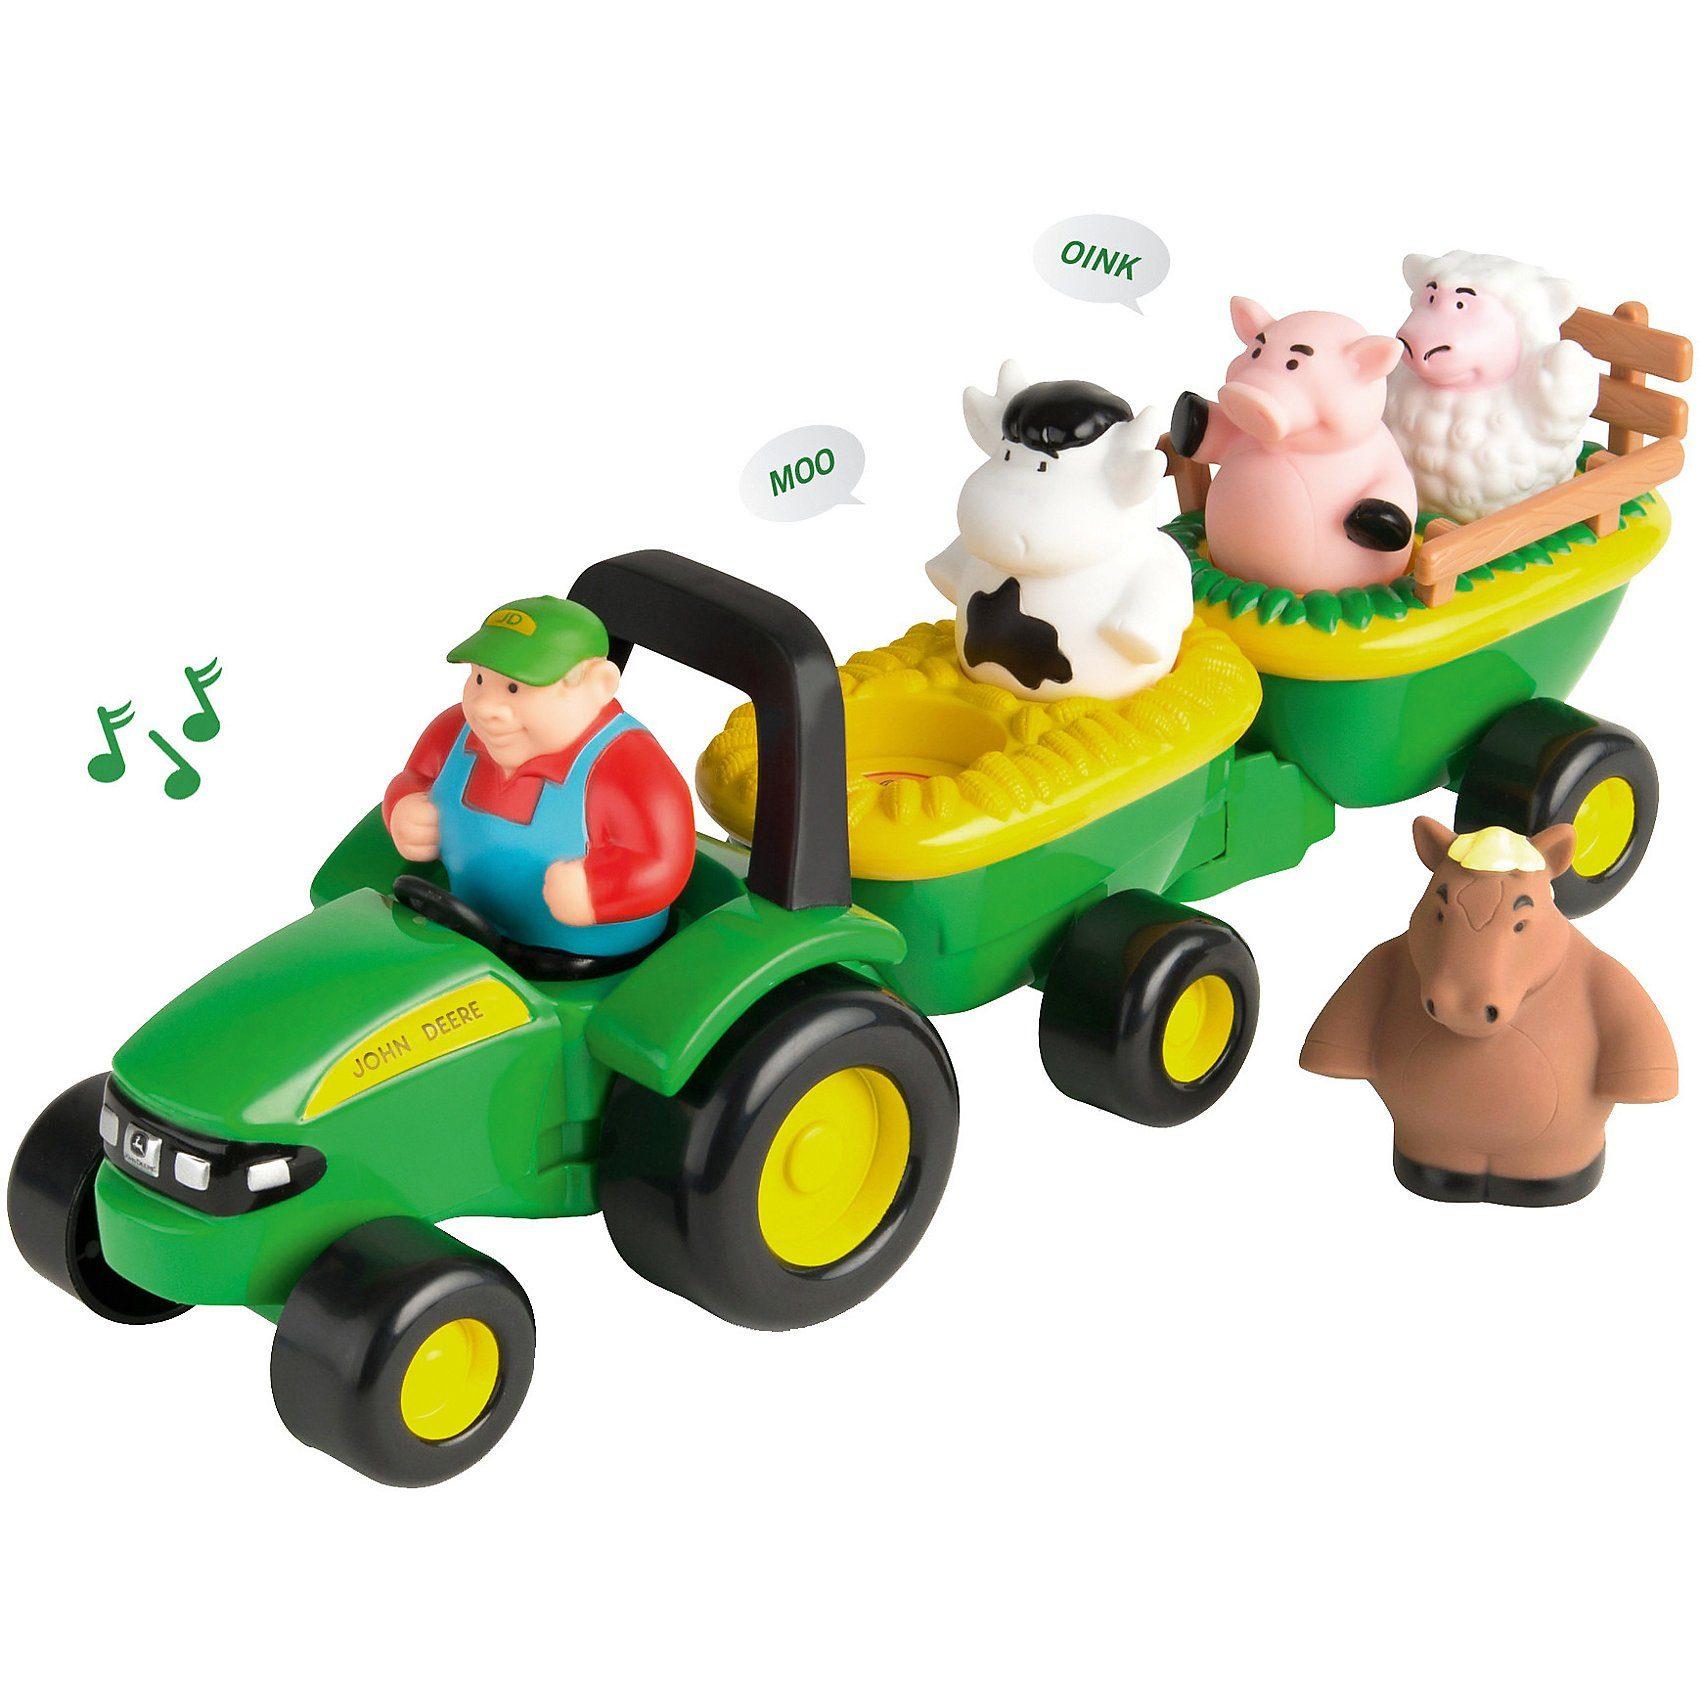 Fahrzeuge New Classic Toys 11941 Traktor mit Anhänger und Tieren